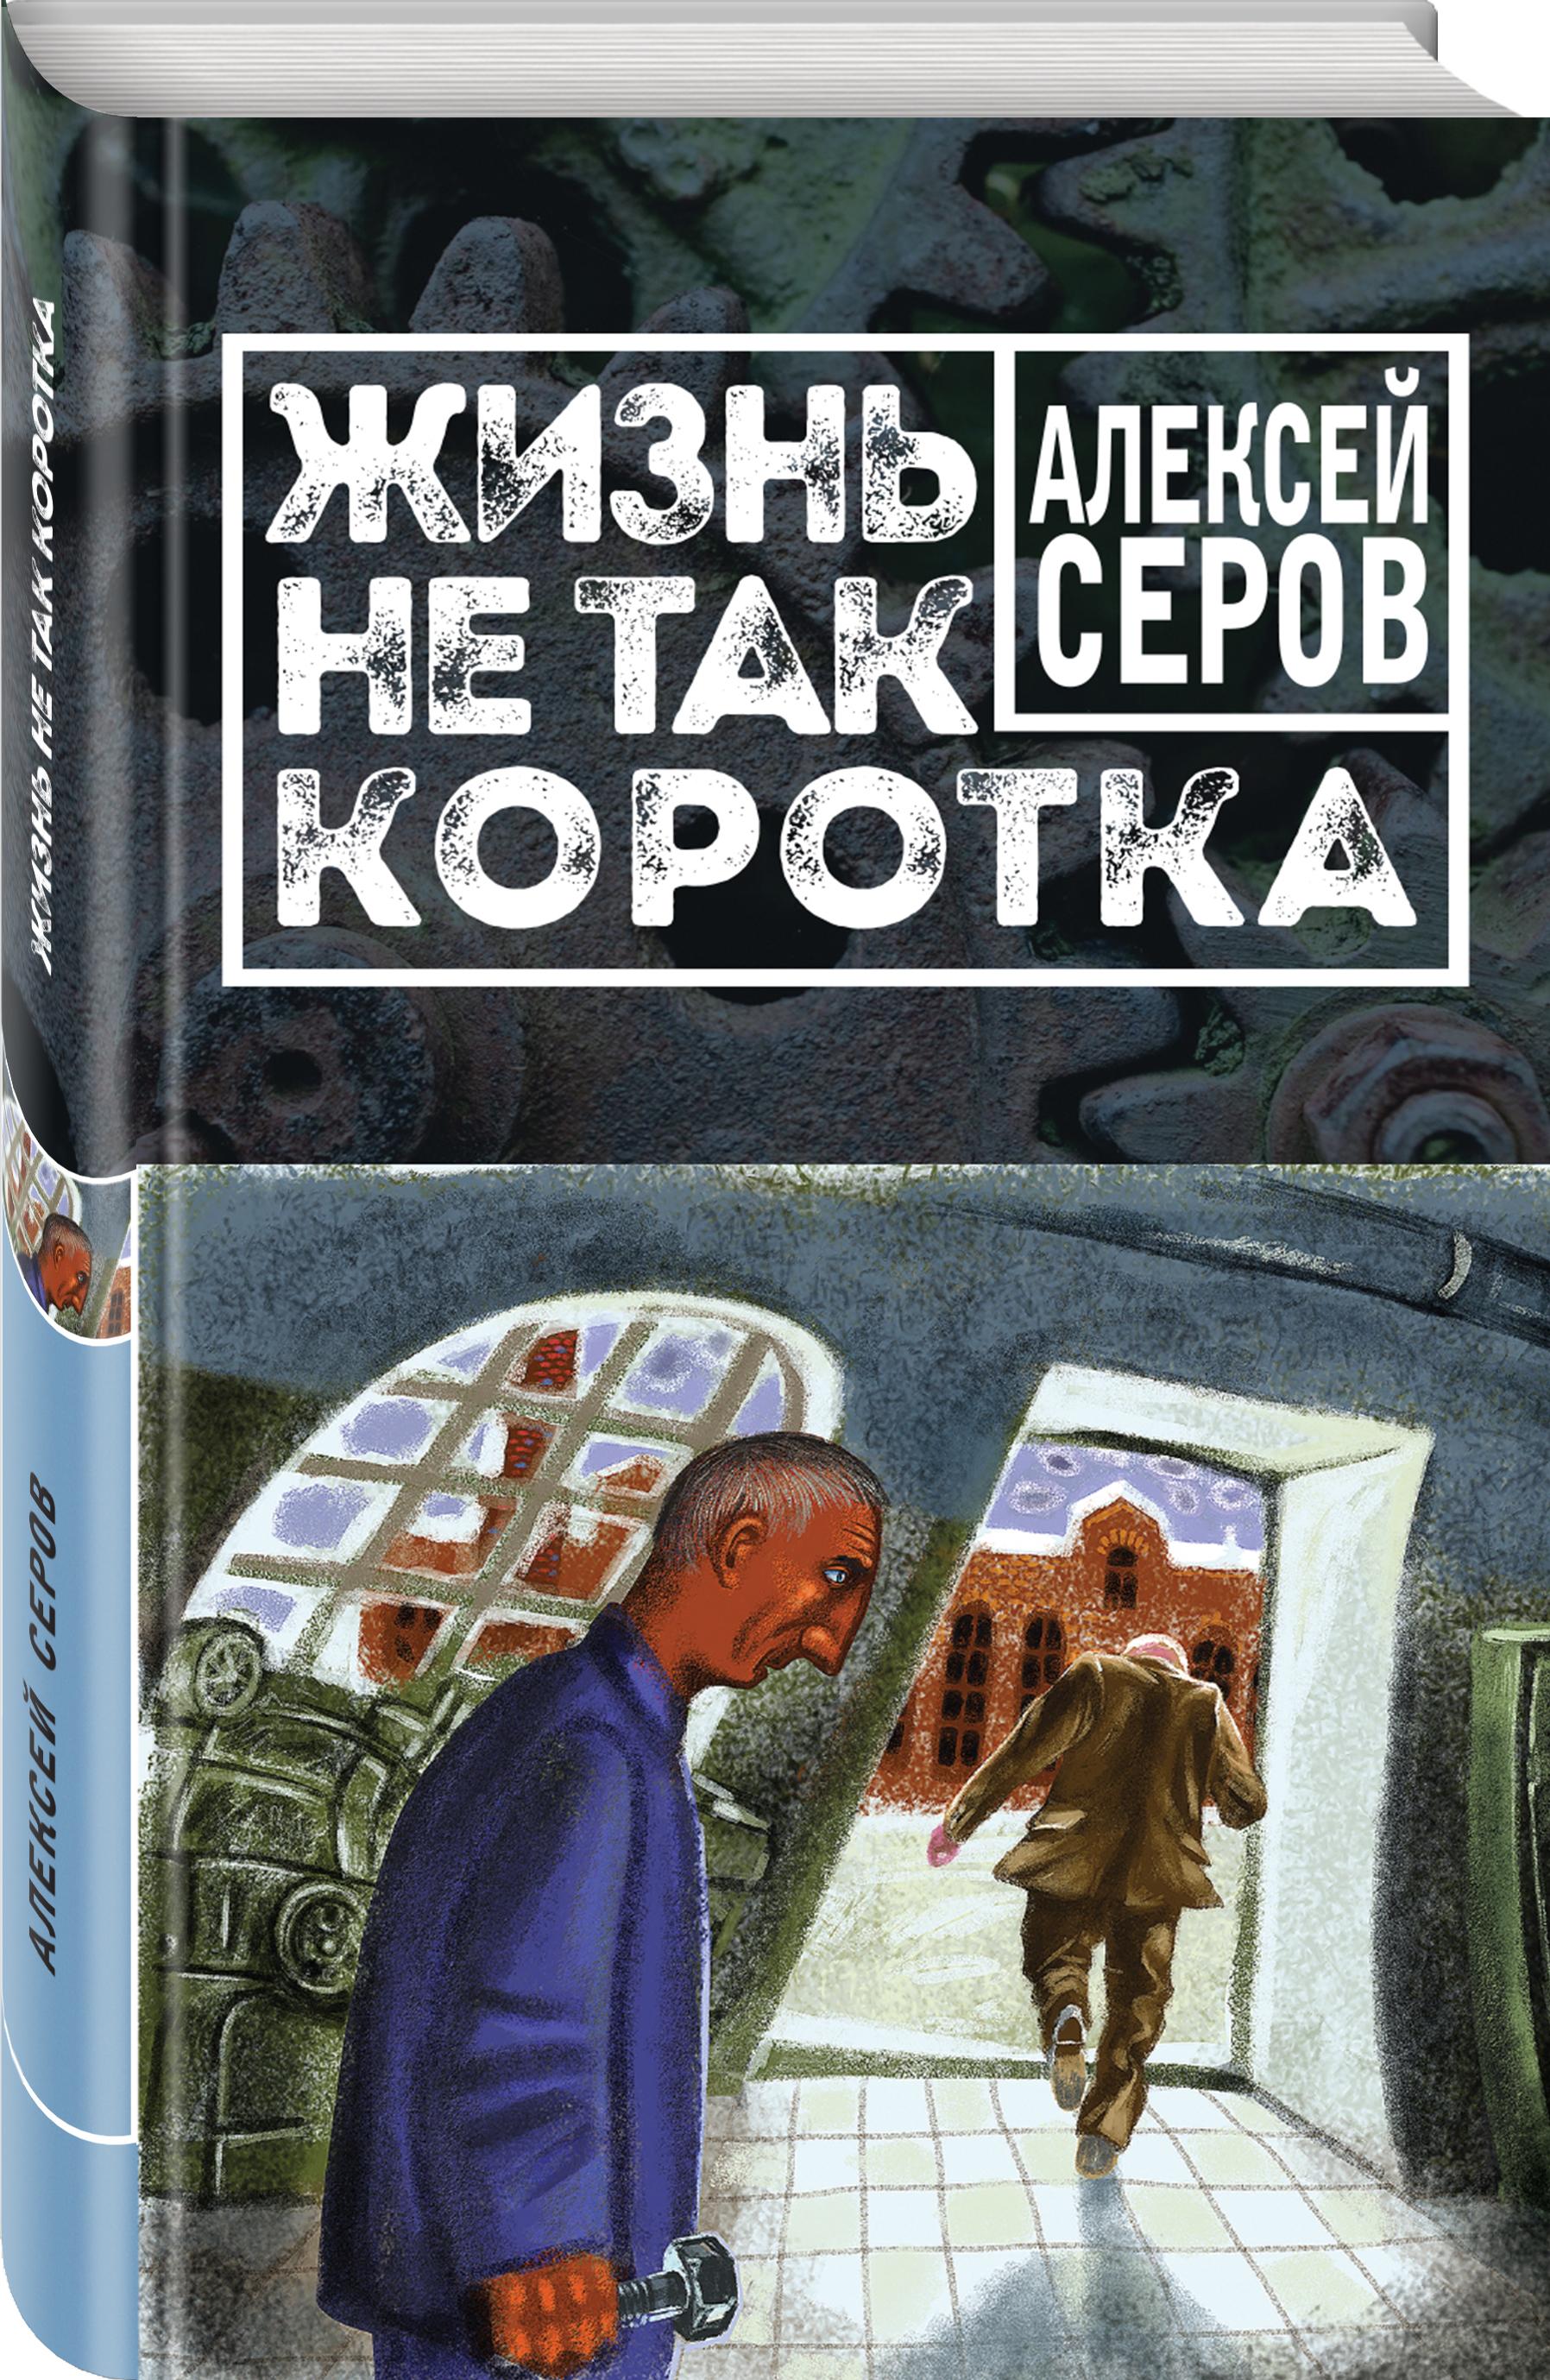 Алексей Серов Жизнь не так коротка серов а жизнь не так коротка сборник